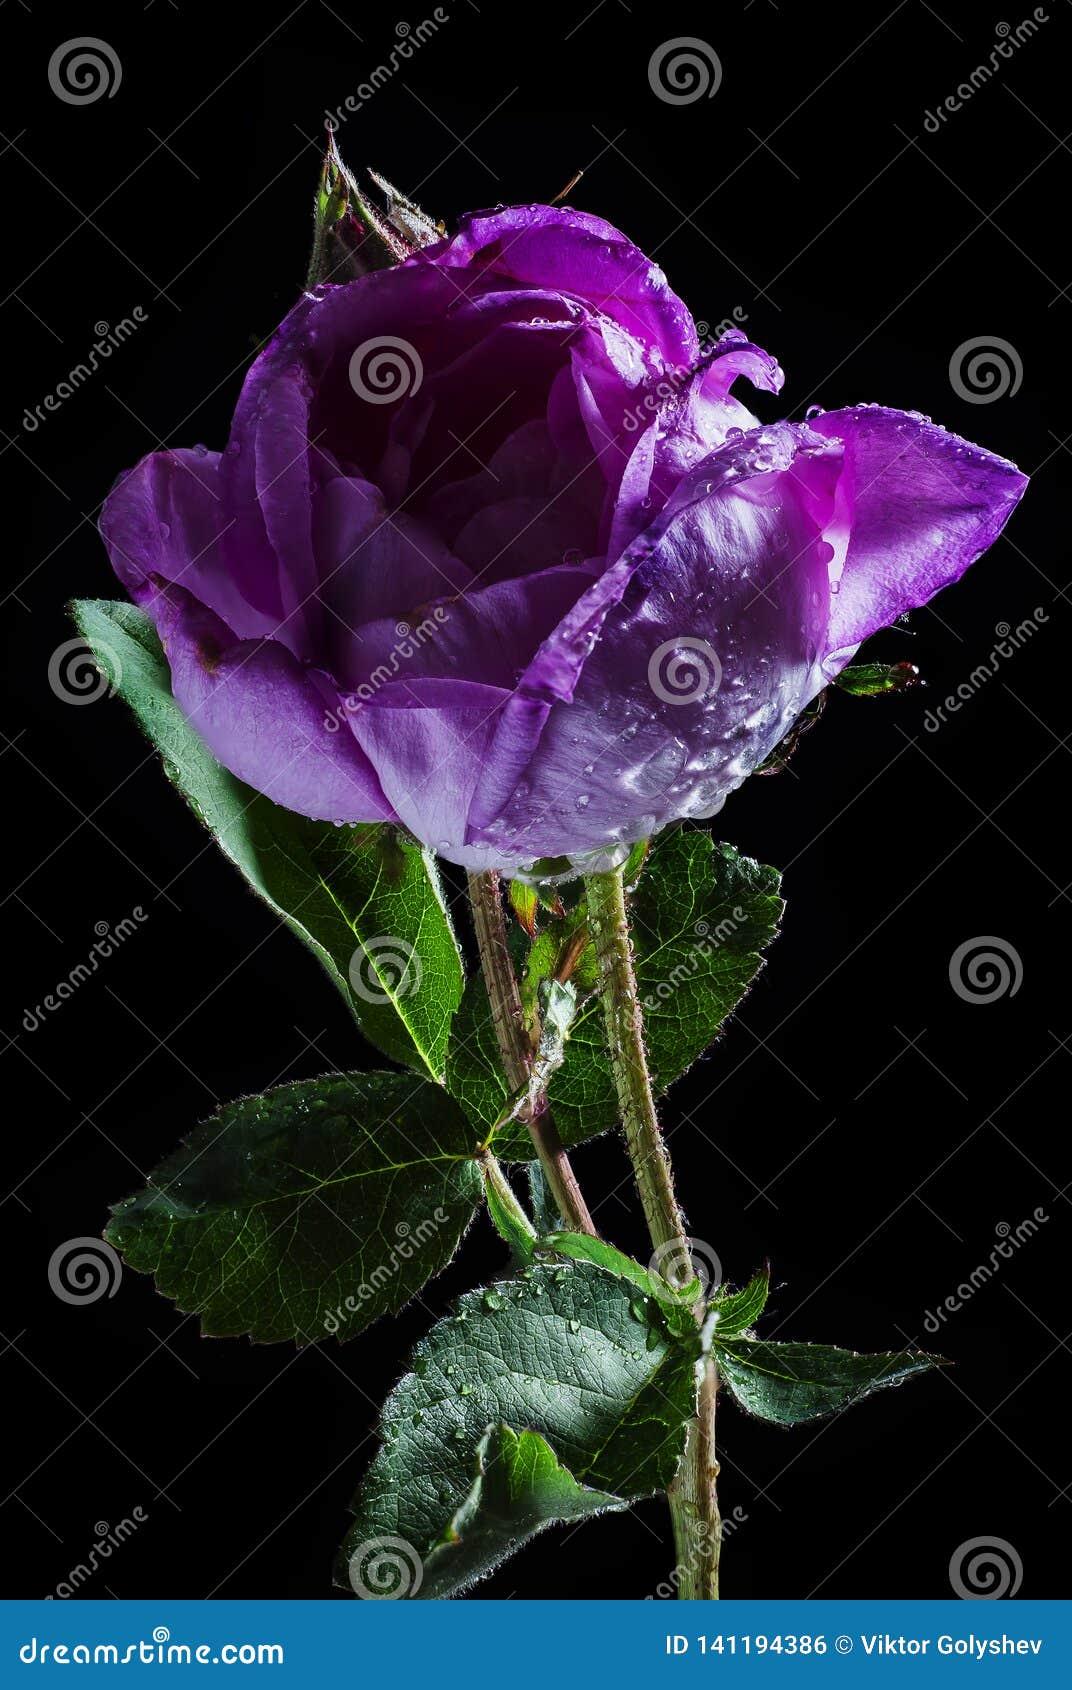 Wet rose flower on black